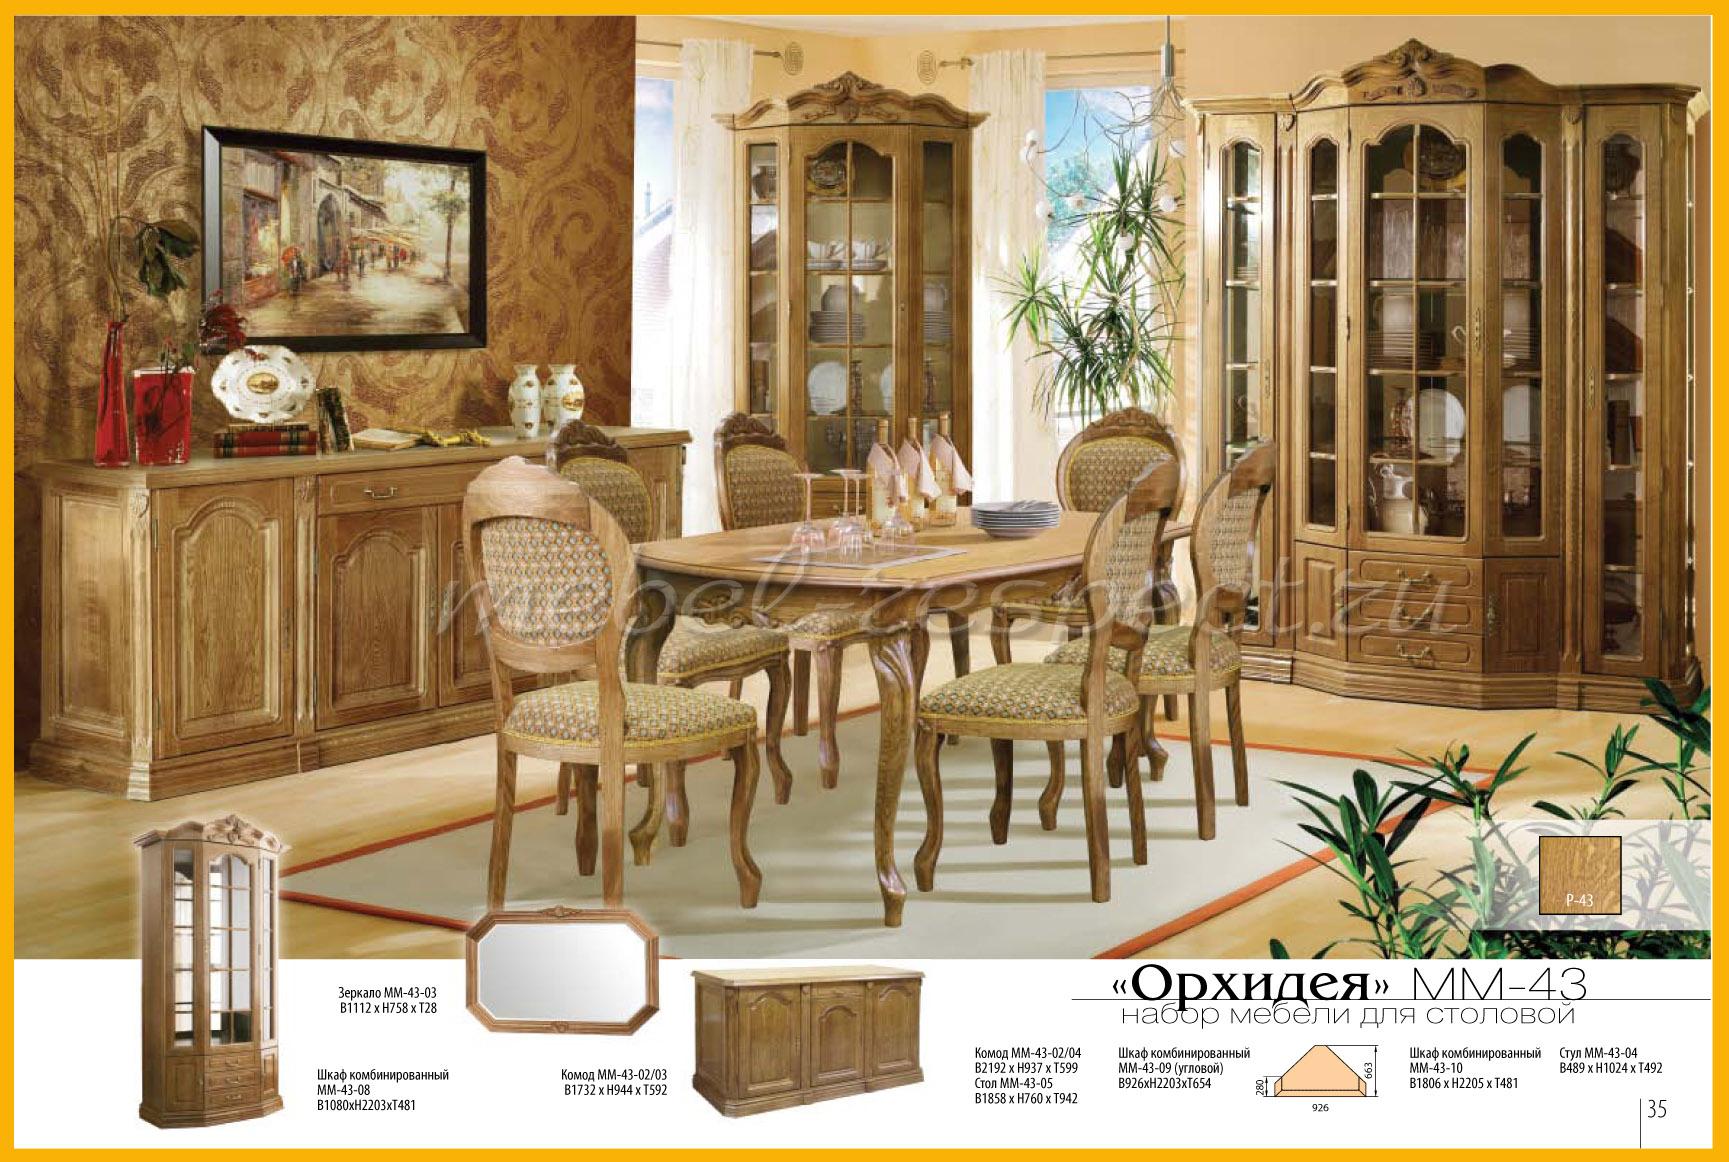 Набор Мебели Для Гостиной В Москве